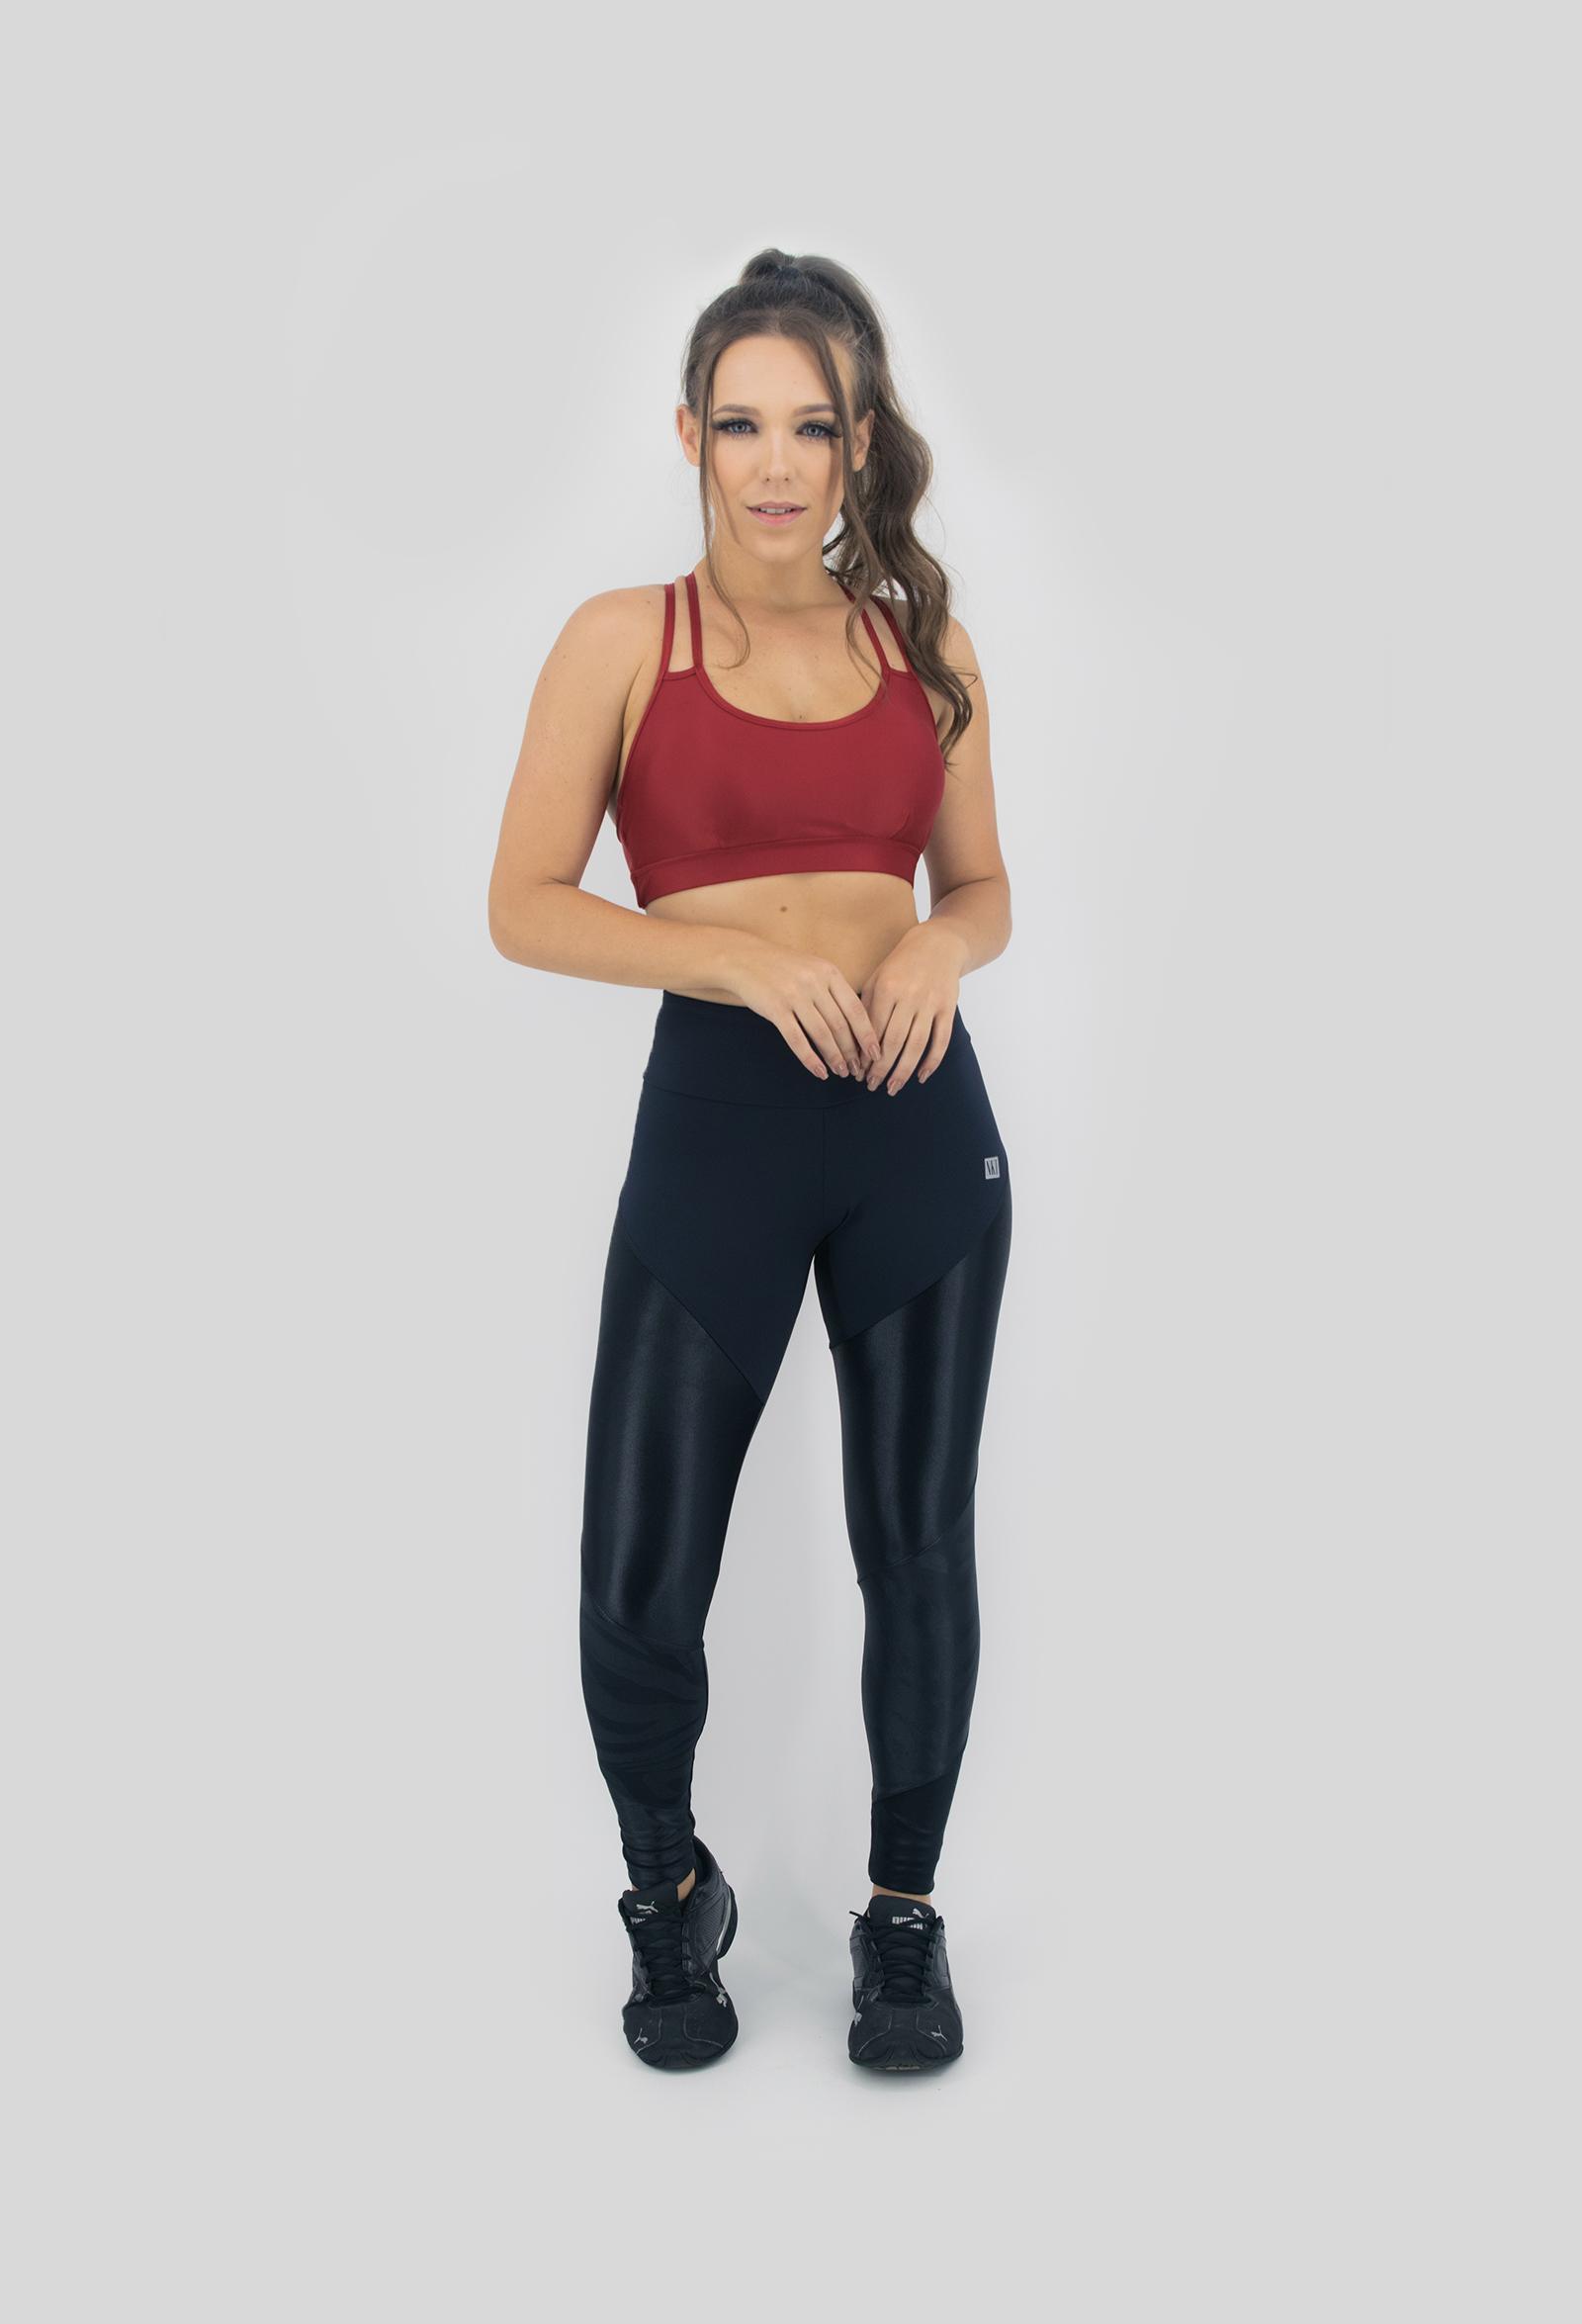 Legging Profusion Preta, Coleção Move Your Body - NKT Fitwear Moda Fitness